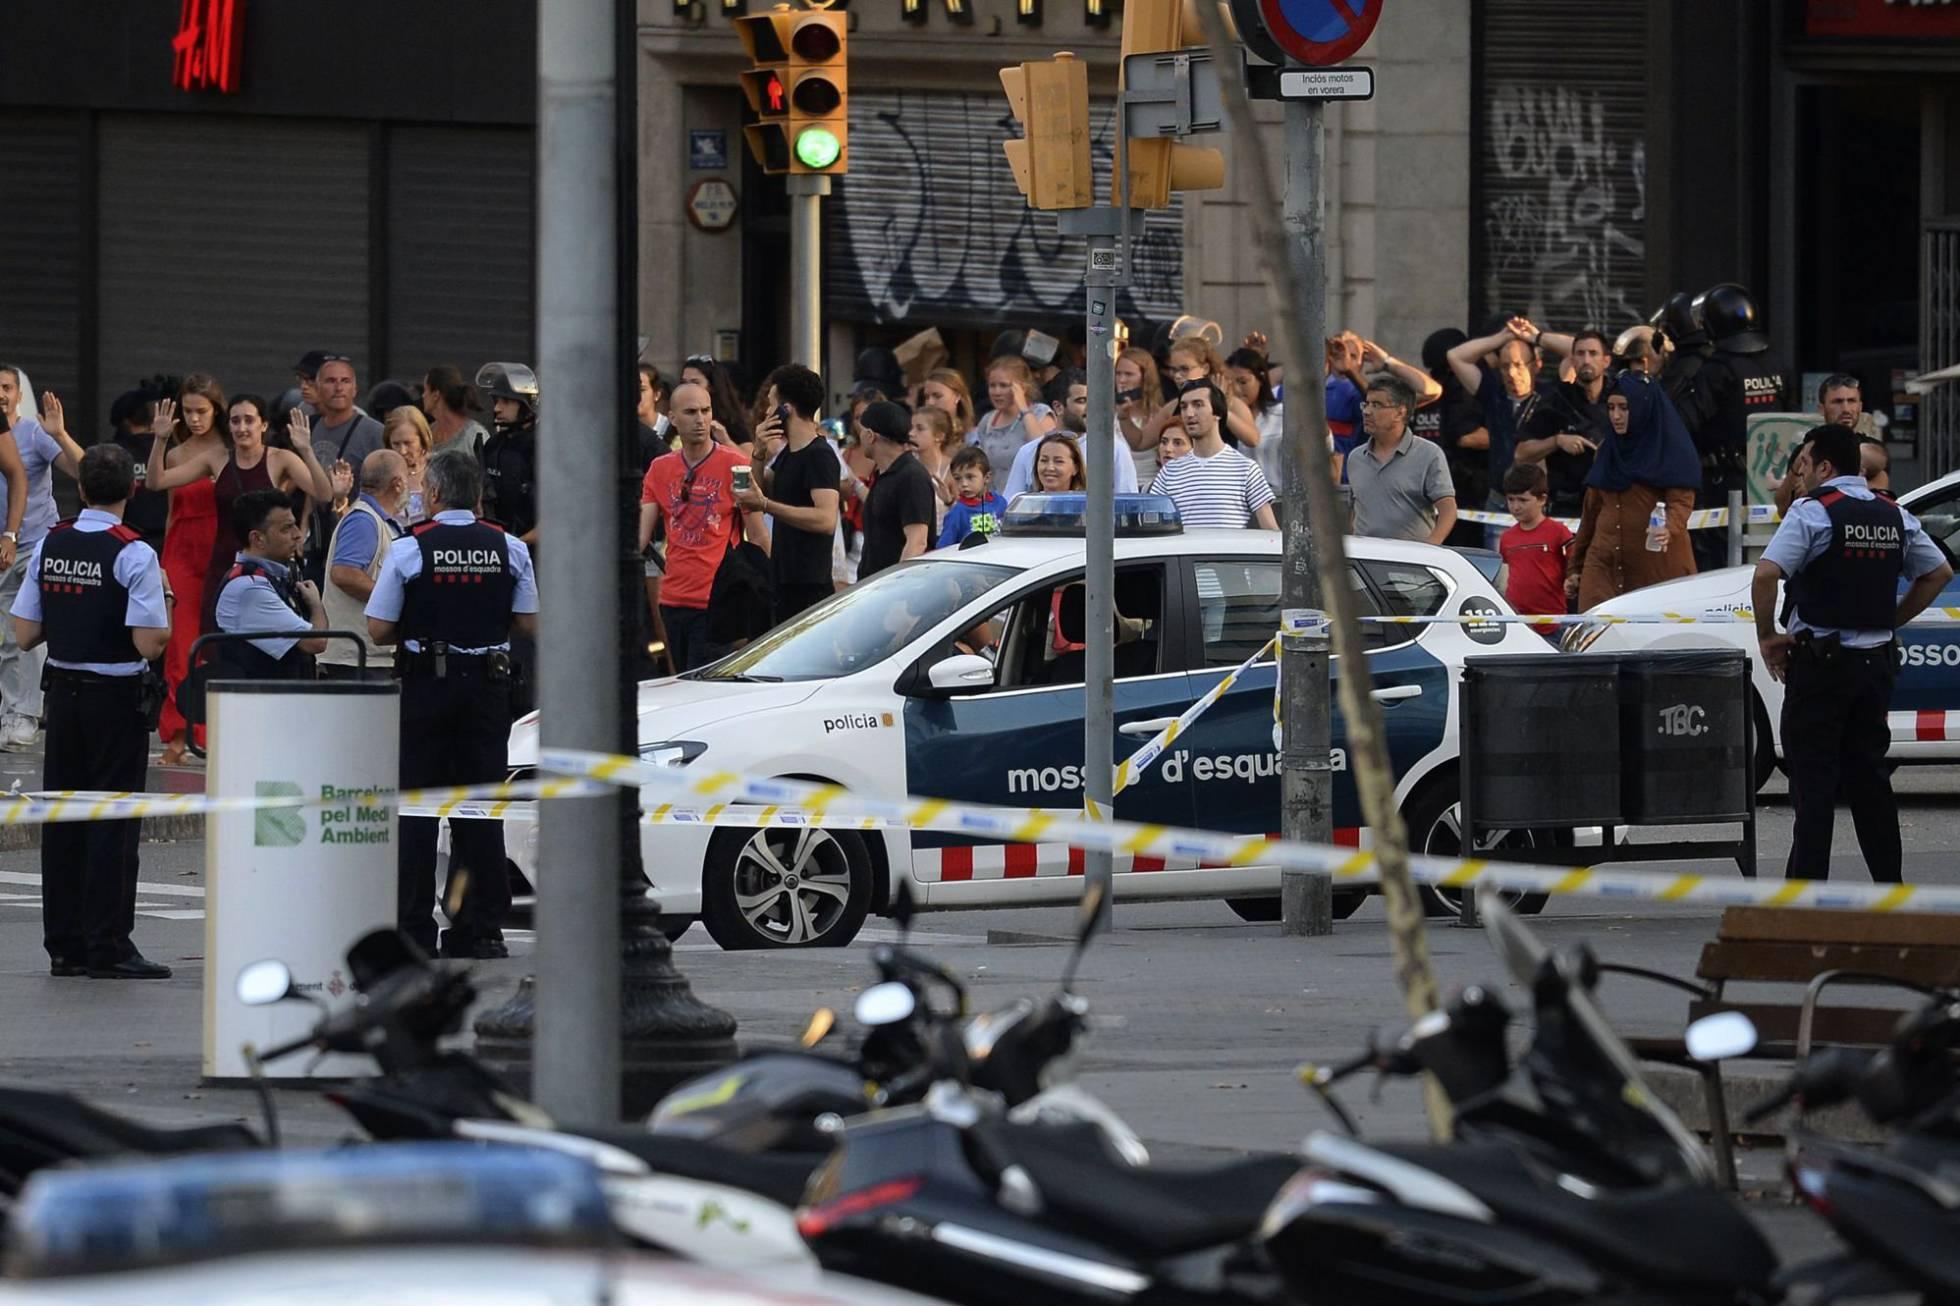 Espanha busca por 4 jovens que teriam ligação com atentados